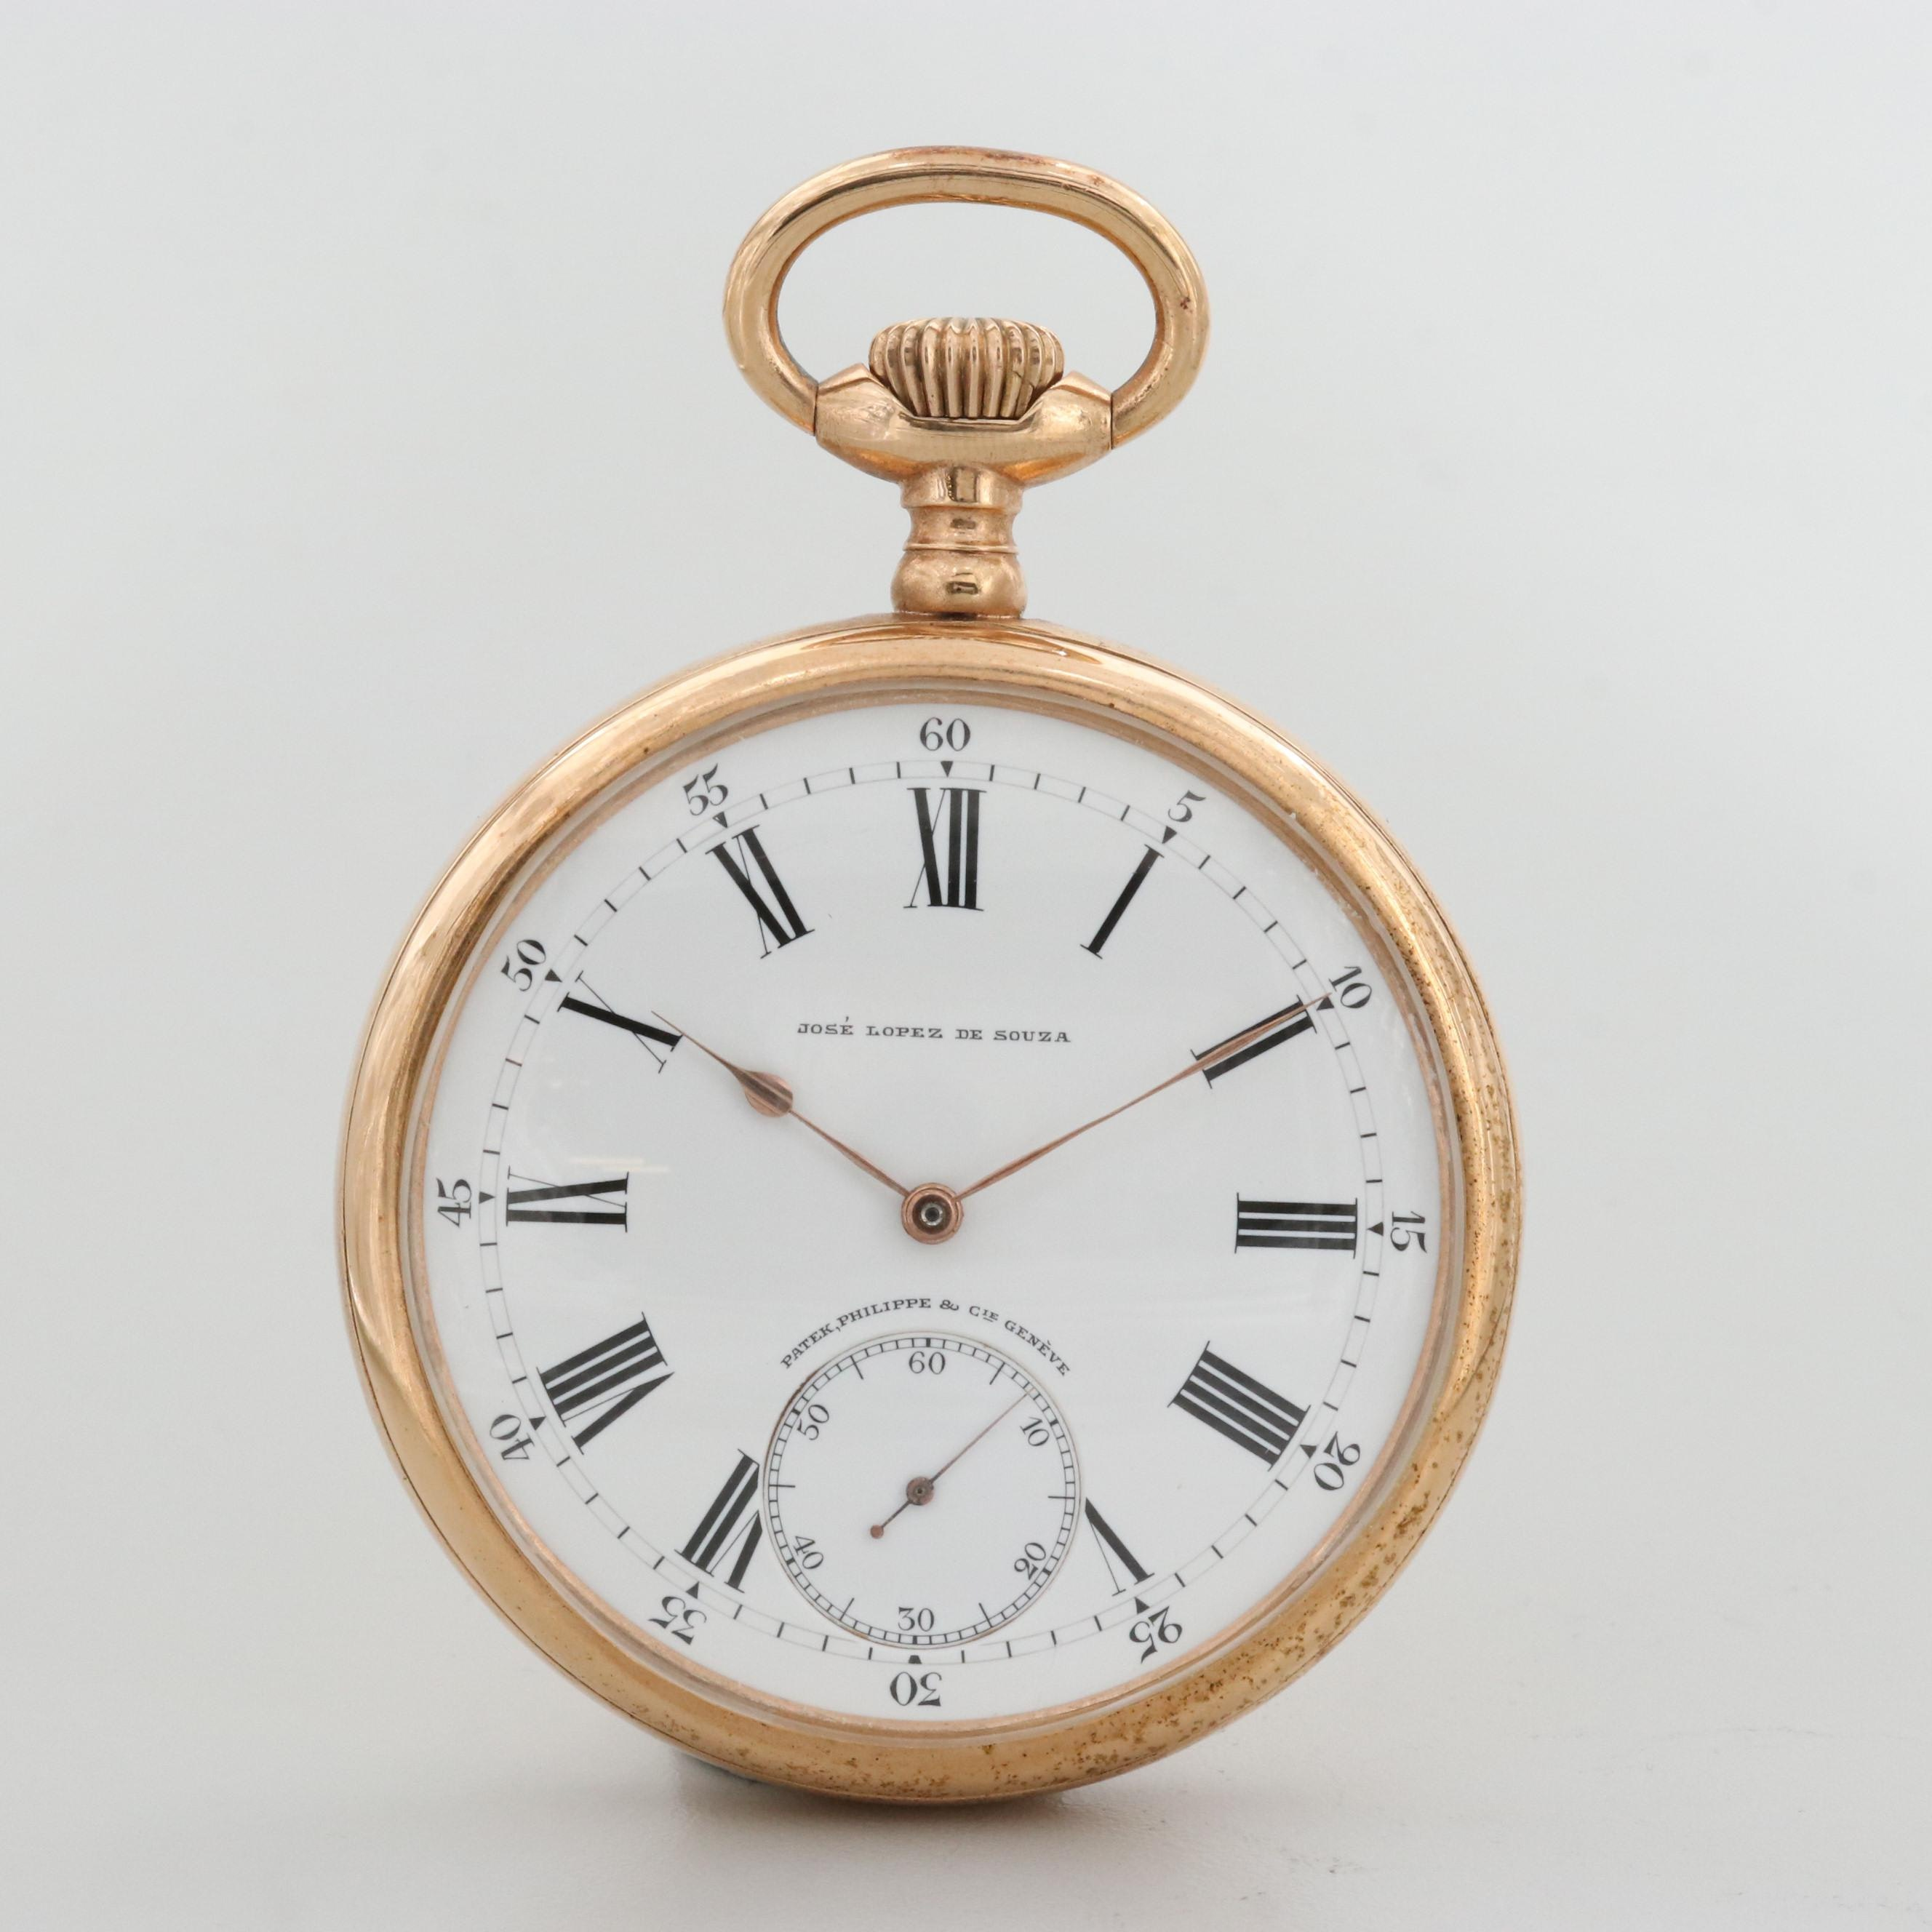 Antique Patek Philippe For Jose Lopez De Souza Gold Filled Pocket Watch